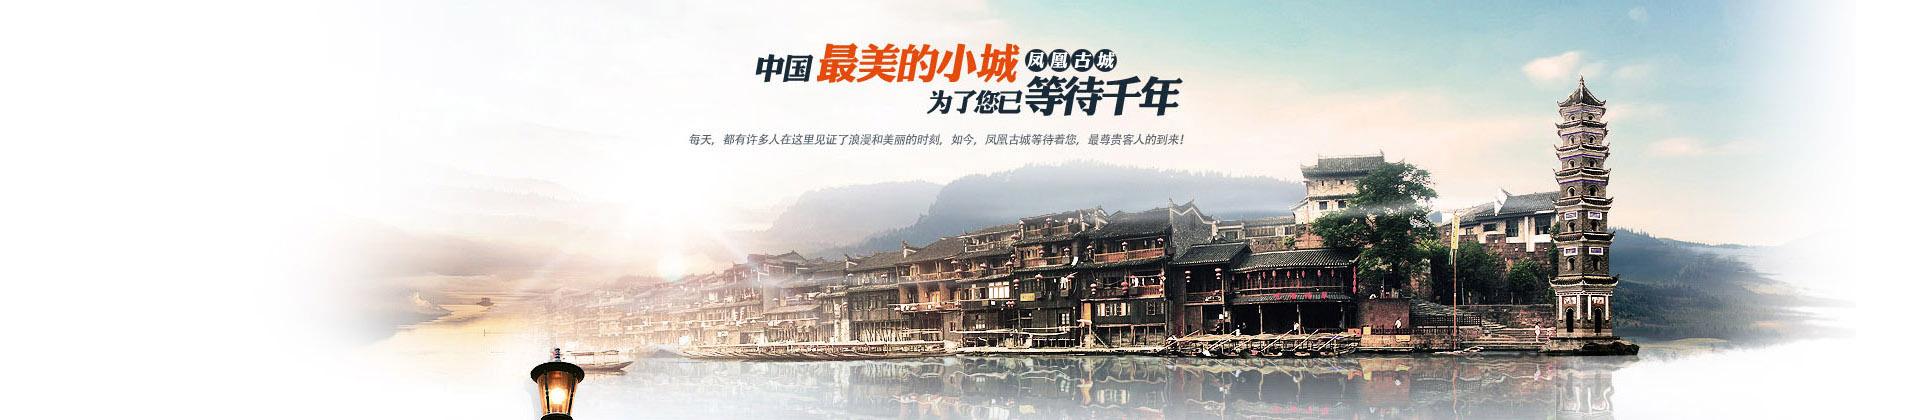 千赢国际qy142凤凰精华四日游